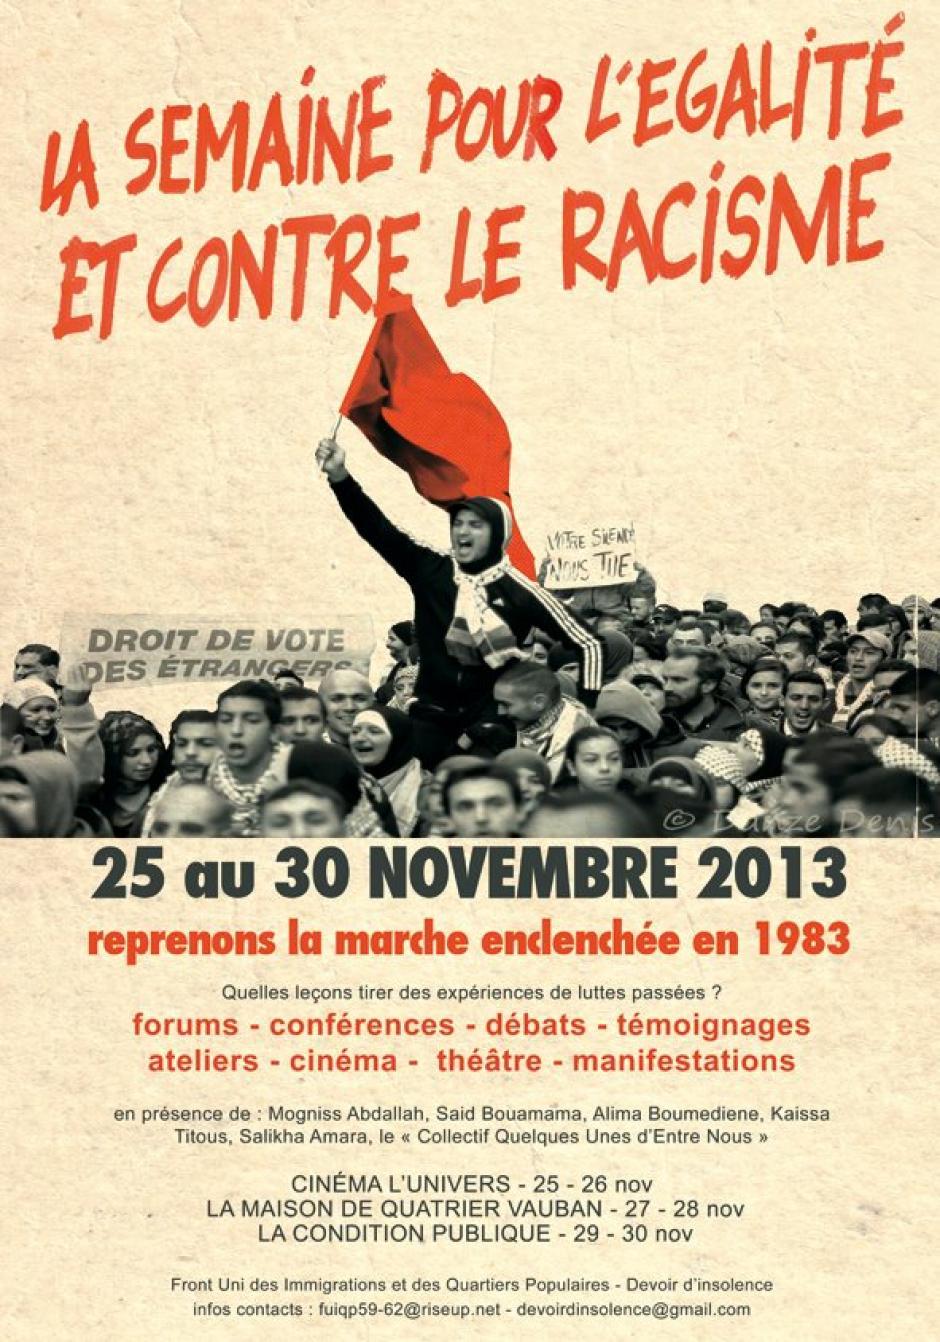 La Semaine Pour L'Egalité et Contre le Racisme - 30e anniversaire de la marche contre le racisme